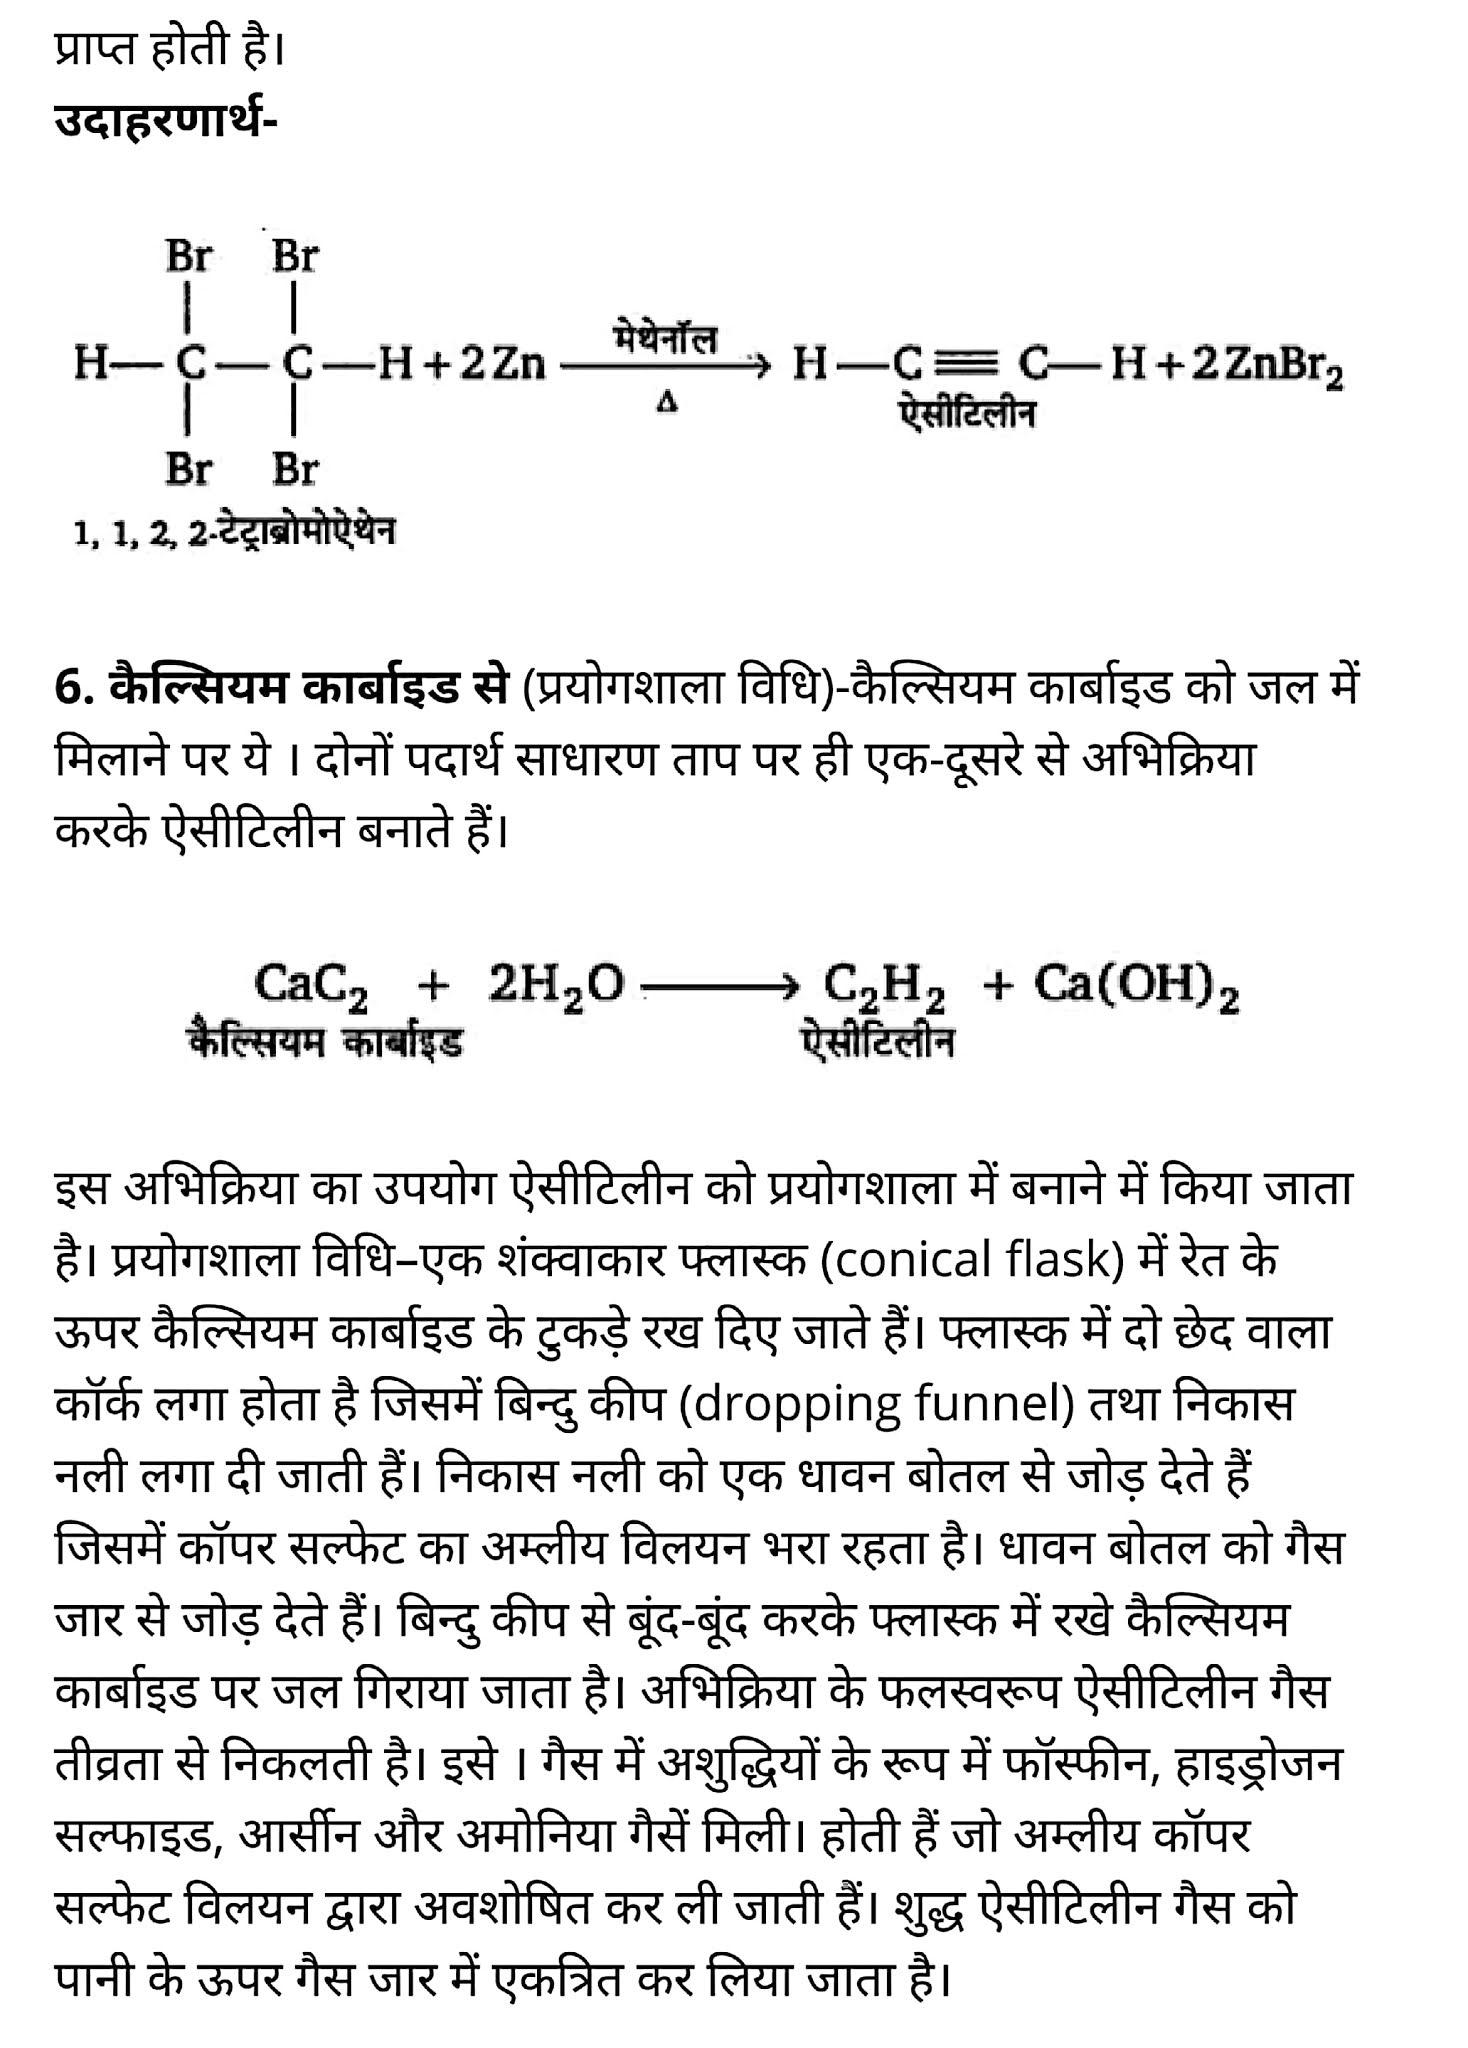 कक्षा 11 रसायन विज्ञान अध्याय 13 हिंदी में एनसीईआरटी समाधान